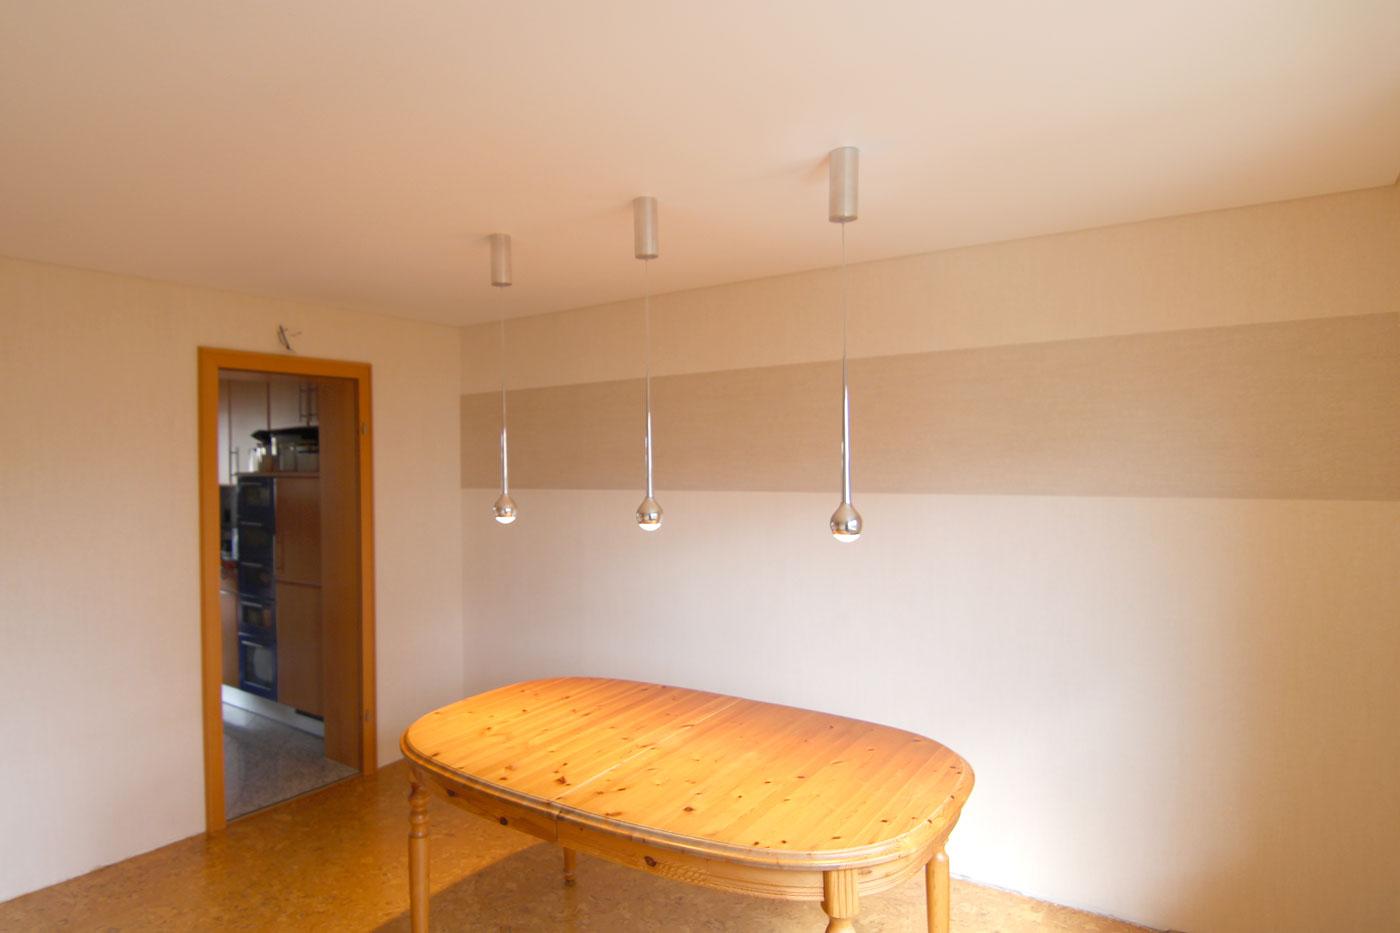 Spanndeckenstudio Teller - Beleuchtung - vorhandene Leuchten